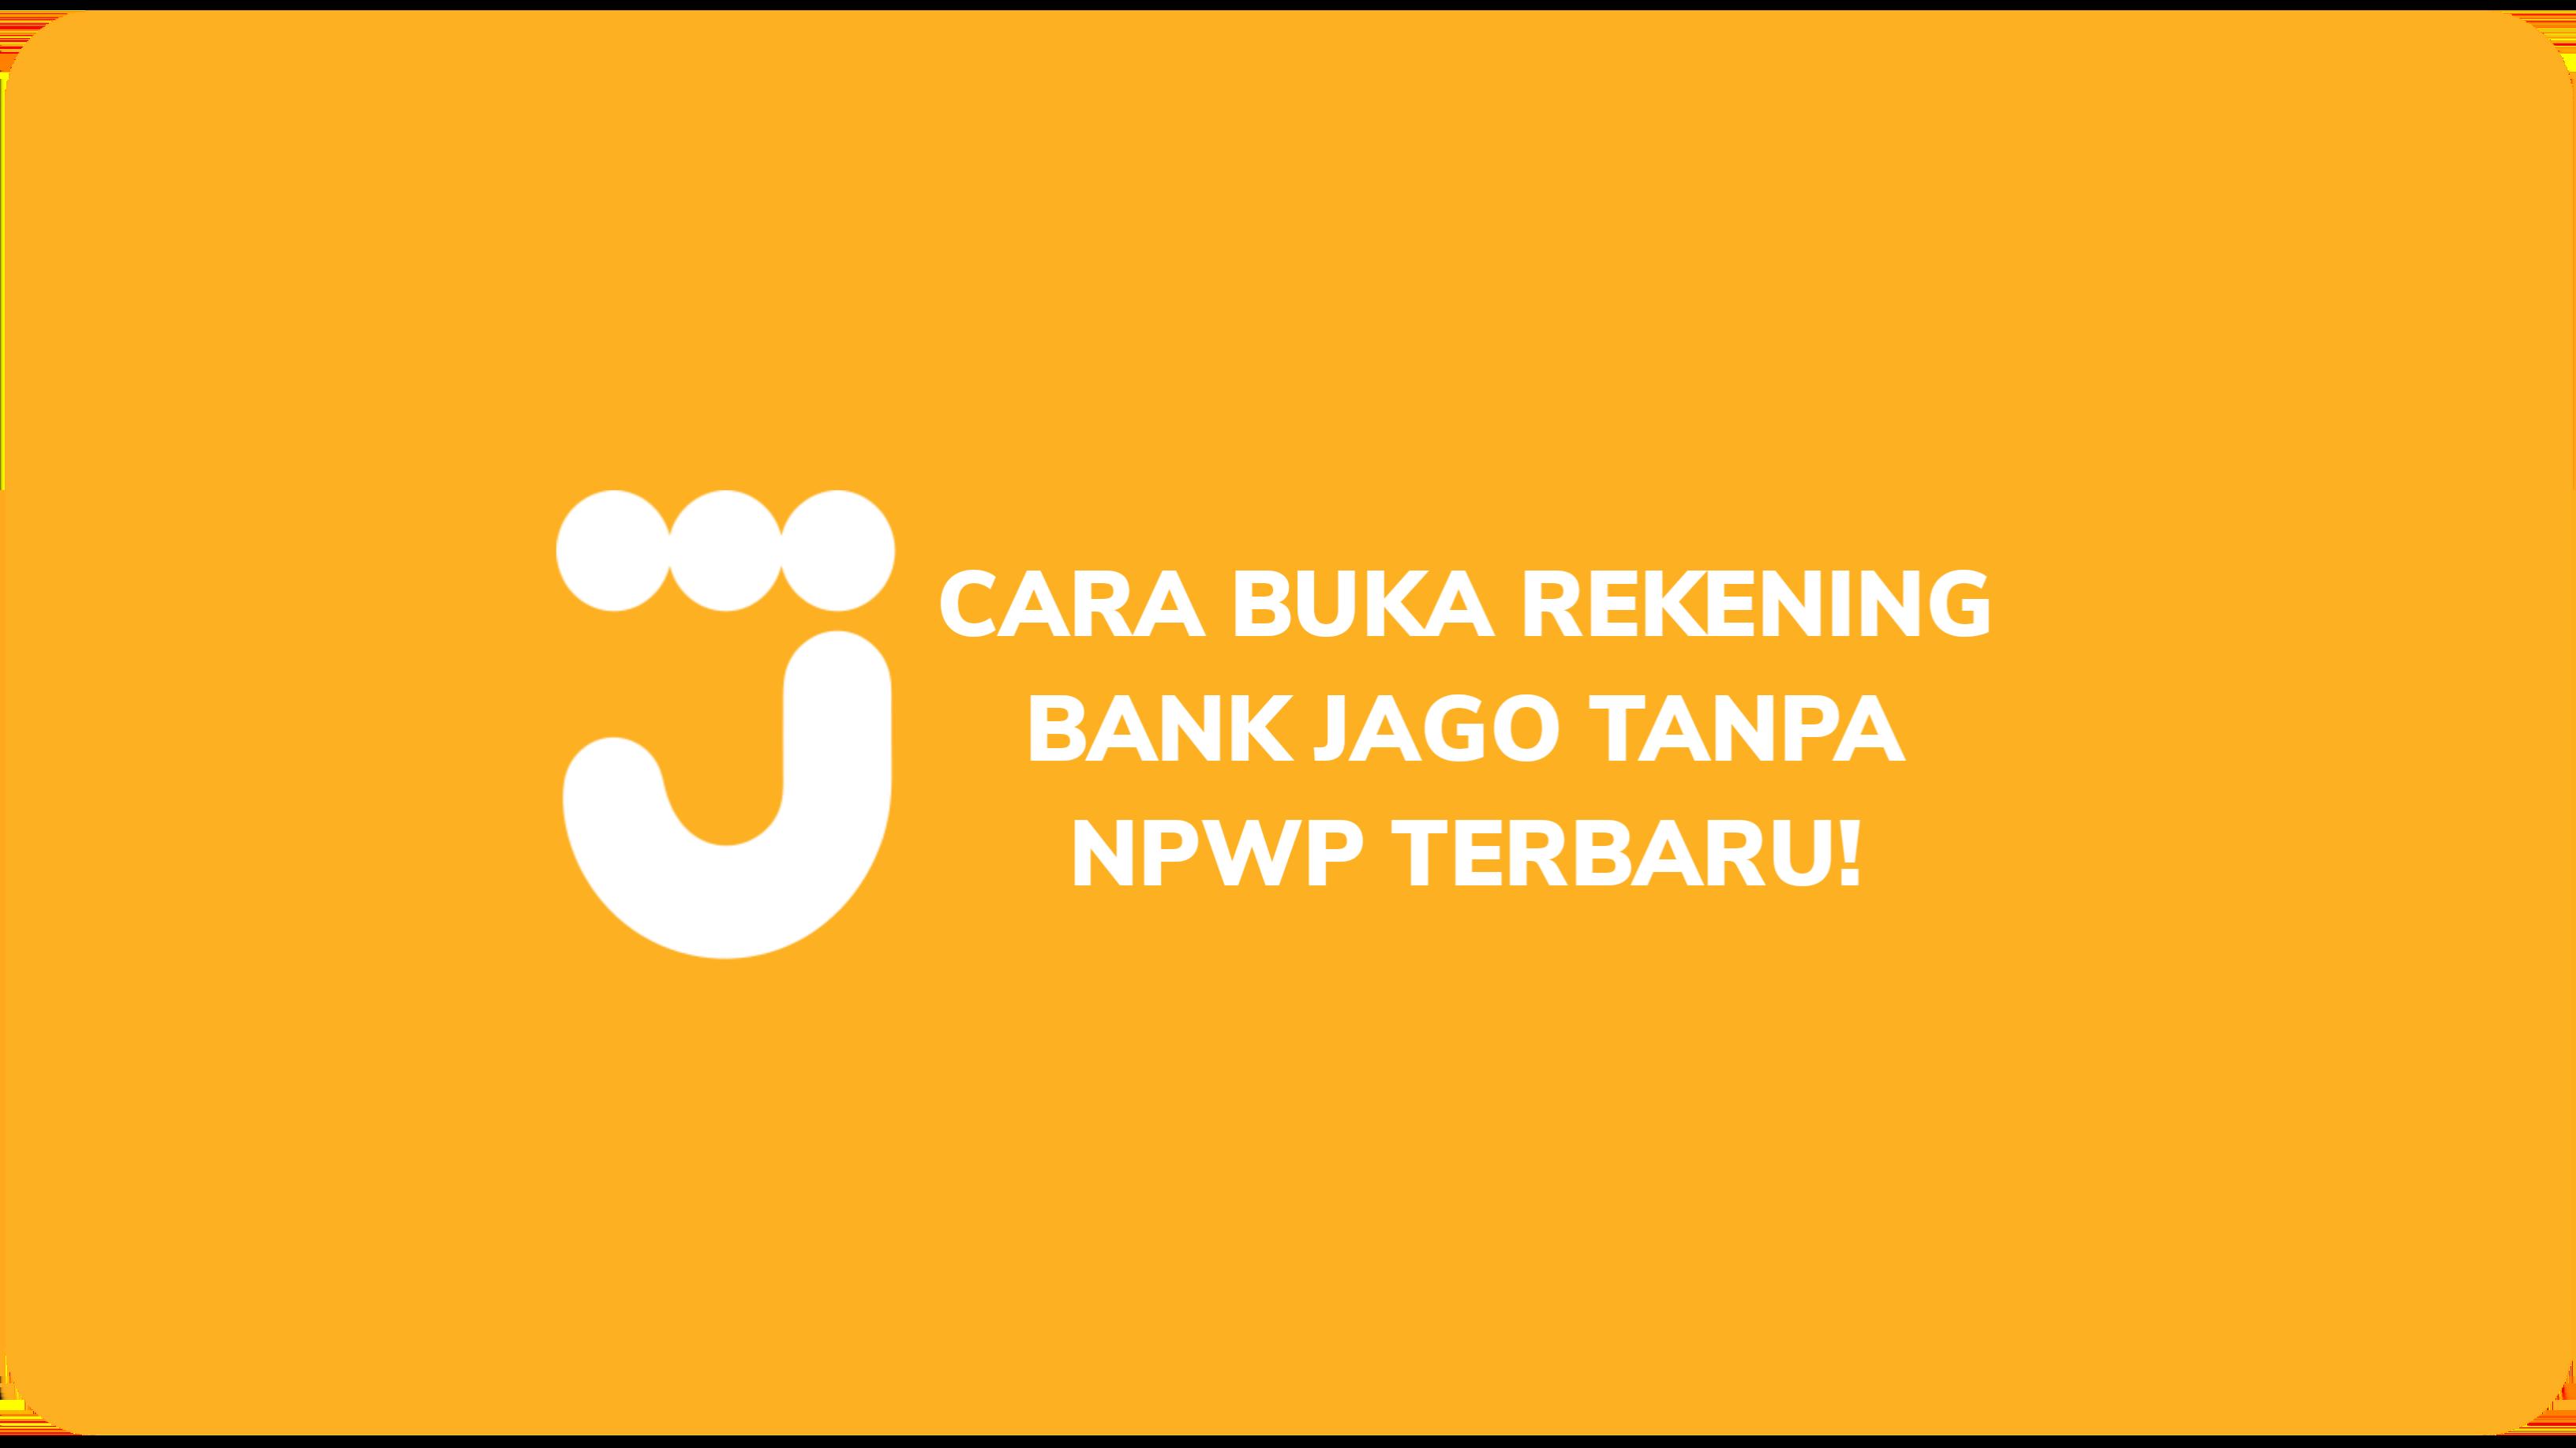 Cara Buka Rekening Bank Jago Tanpa NPWP Terbaru!